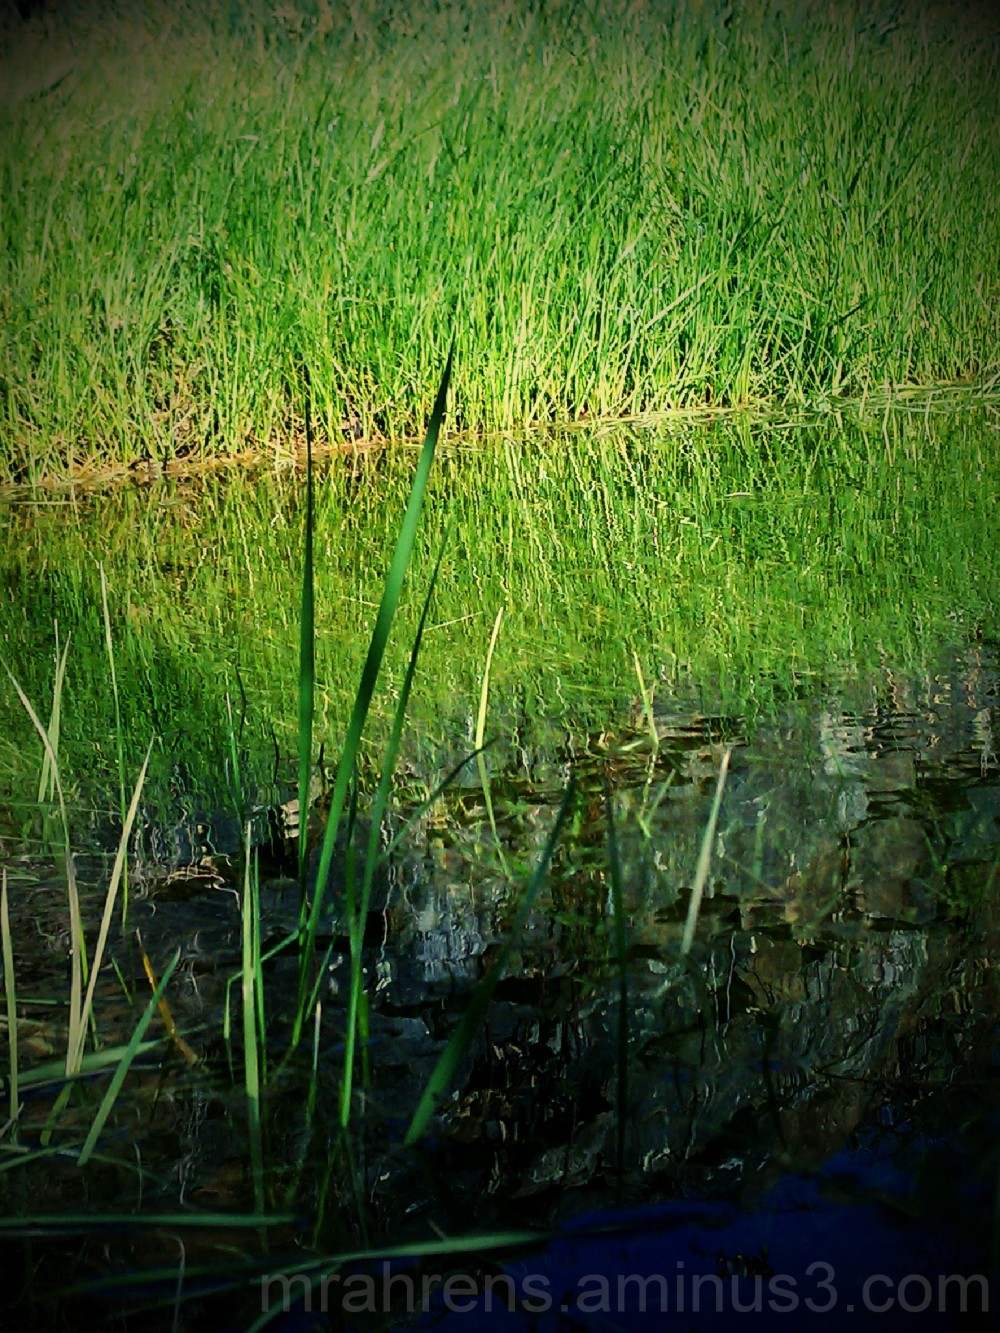 Grass on Glass